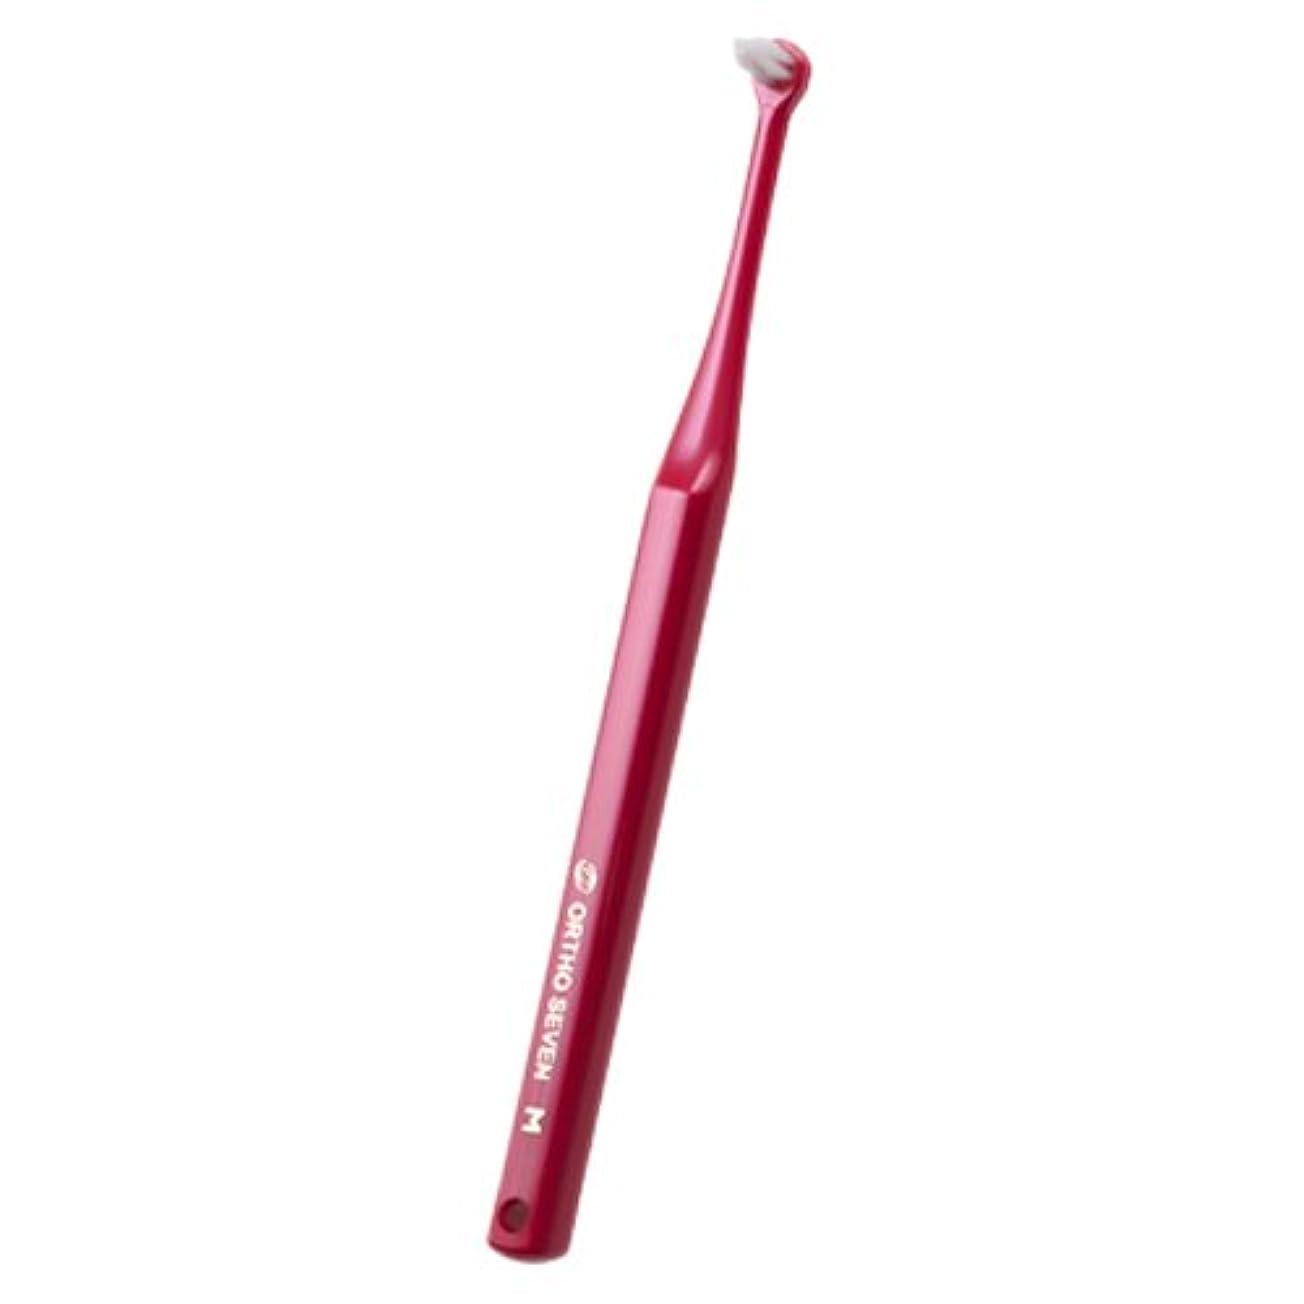 枯渇する助言する説得オーラルケア ORTHOSEVEN オーソセブン 歯ブラシ 1本 パールレッド